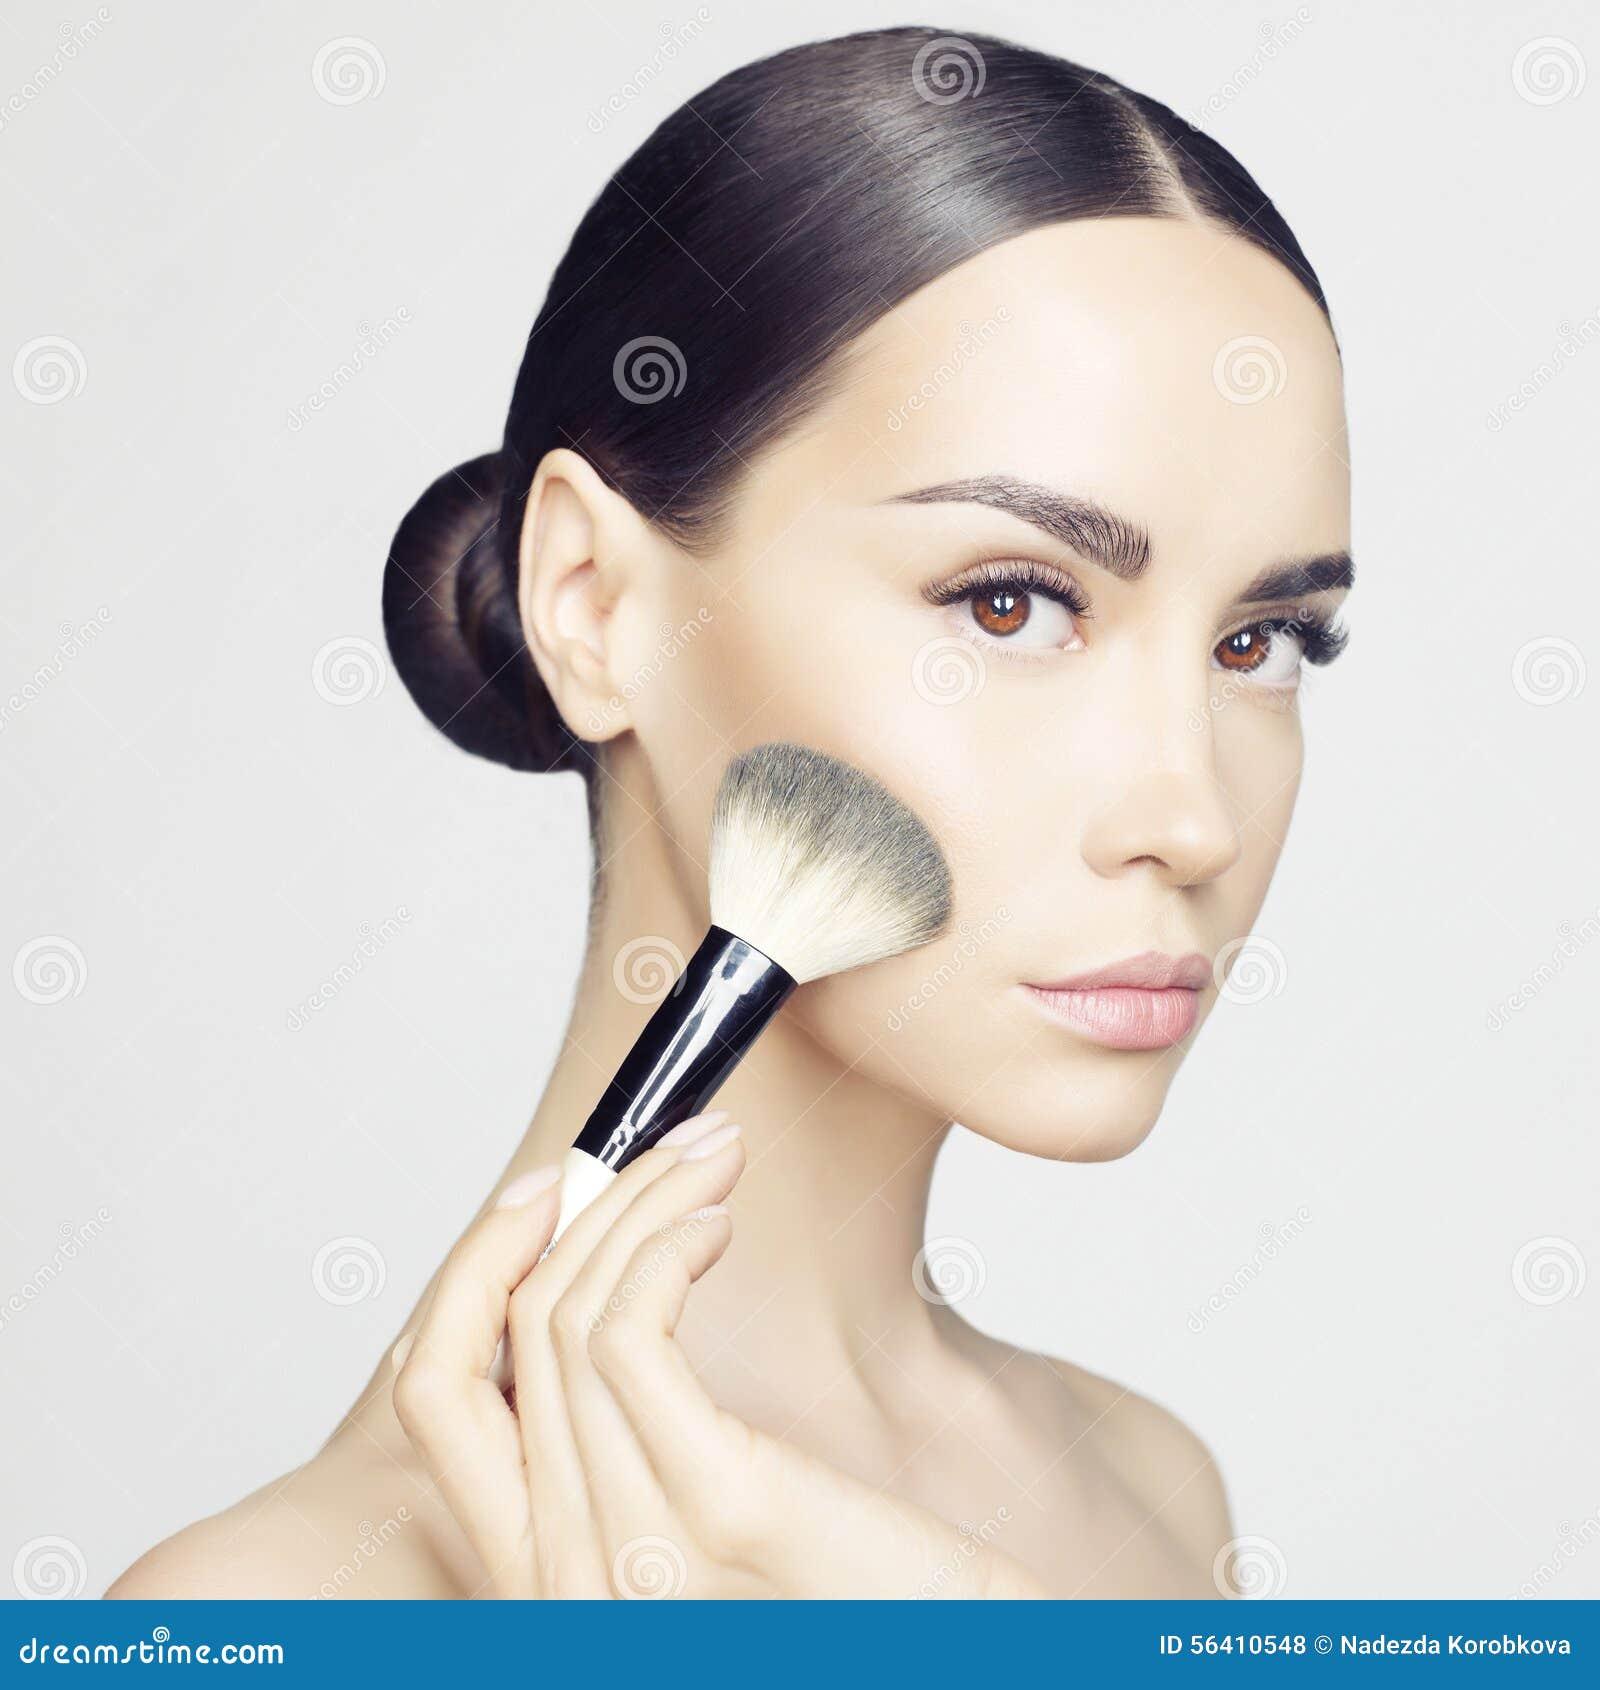 Face Makeup Stock Photo